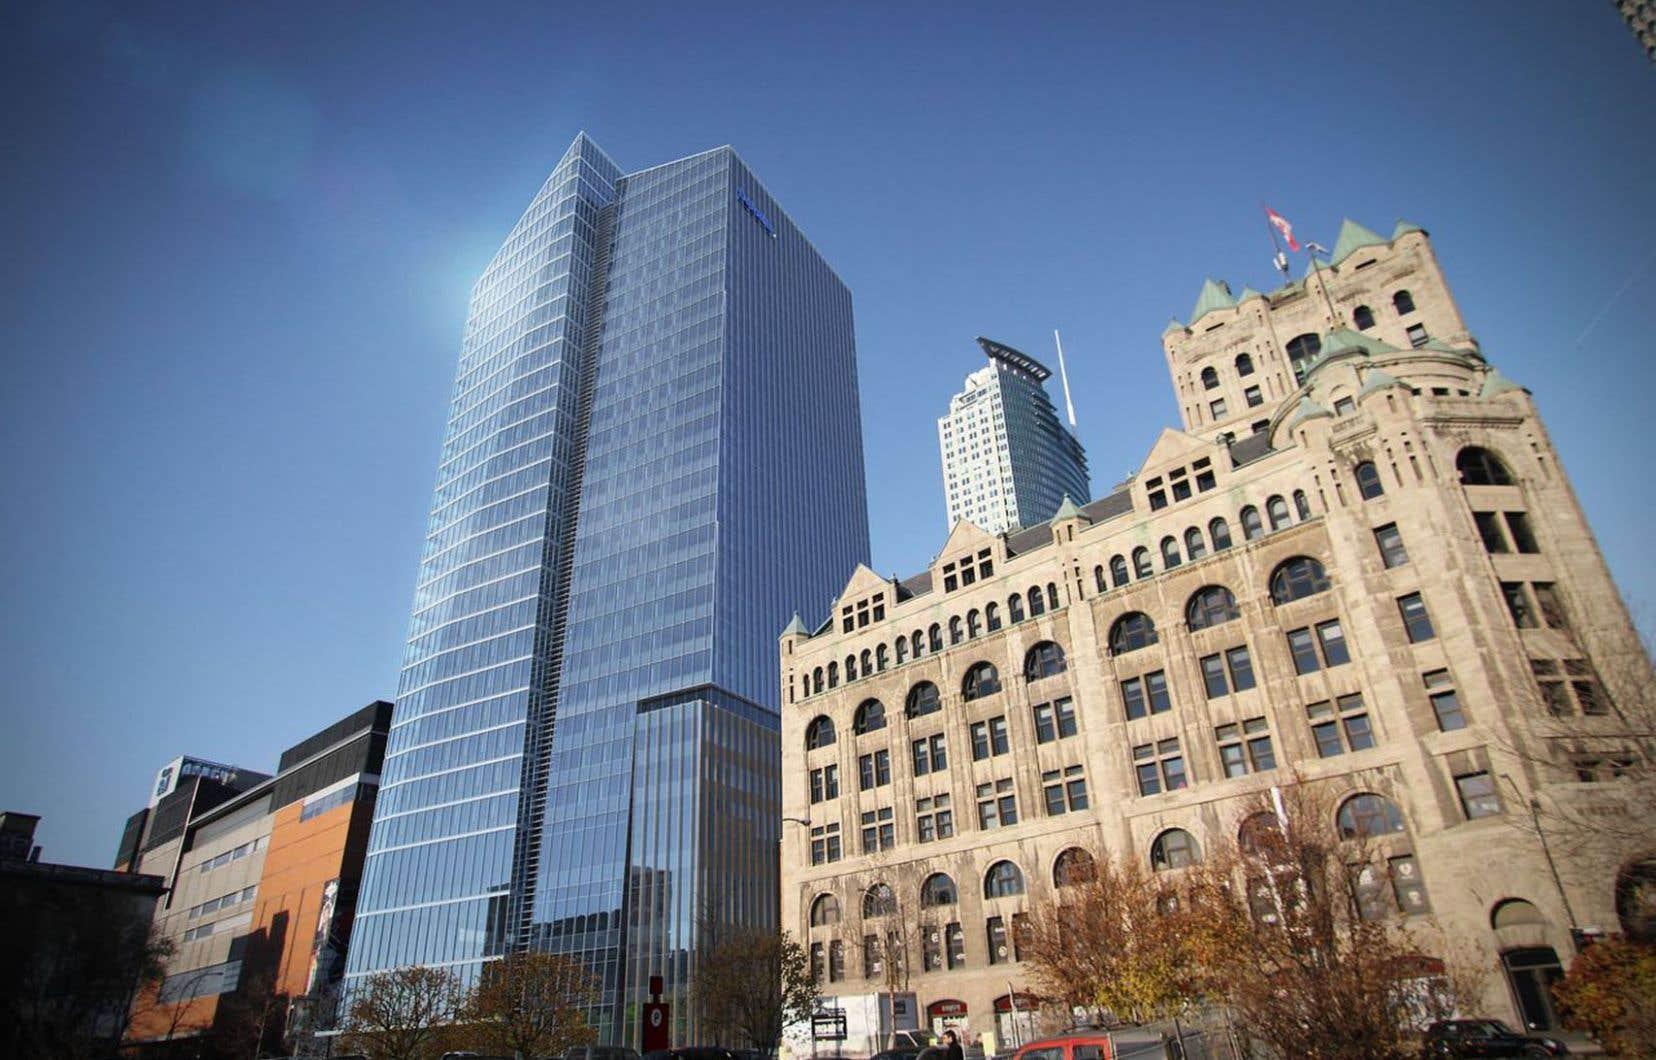 Tour de bureaux un nouveau centre ville se dessine dans le ciel